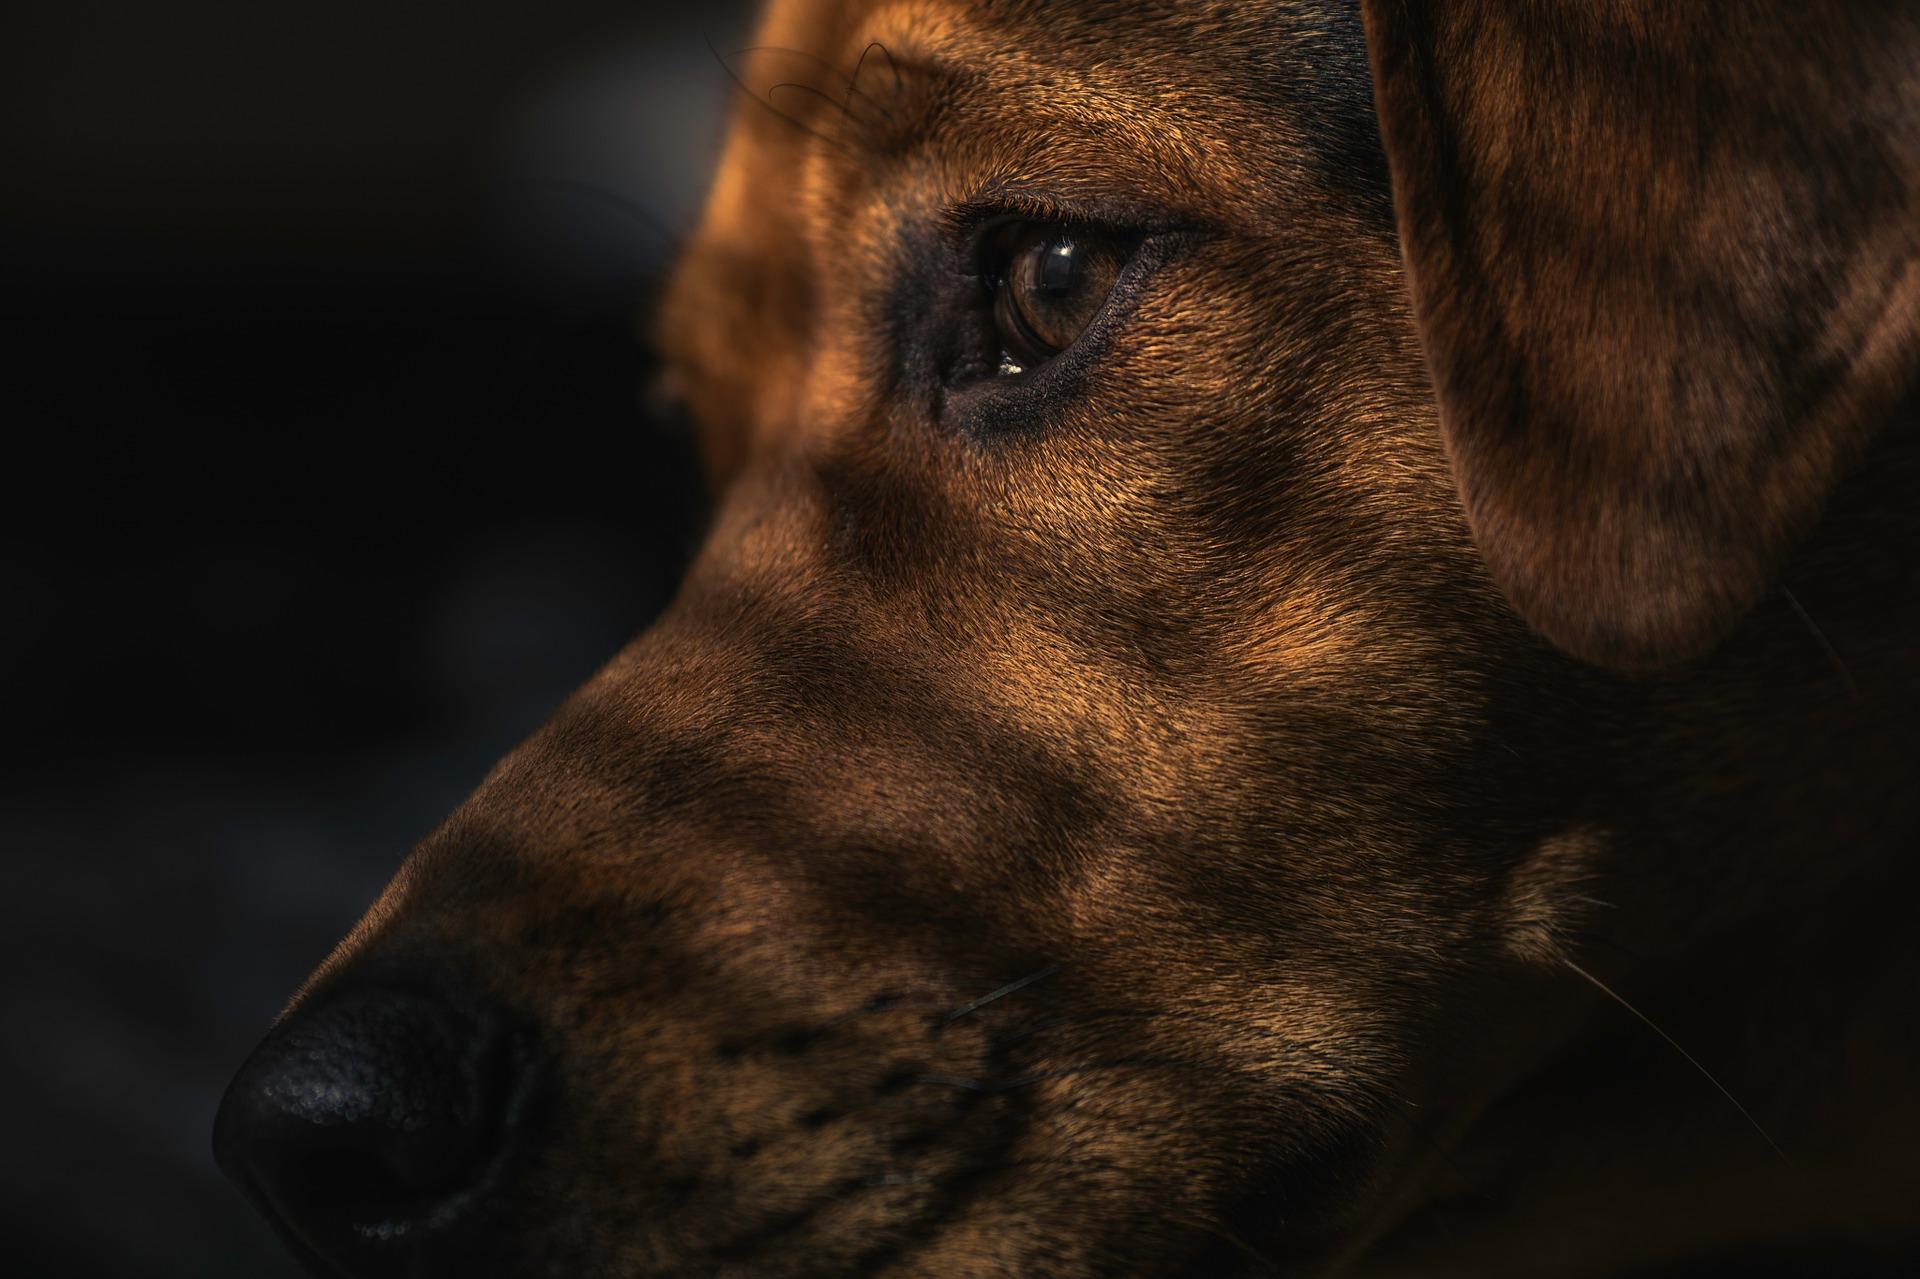 犬のアレルギー性皮膚炎を徹底解説!犬の病気を正しく知ろう